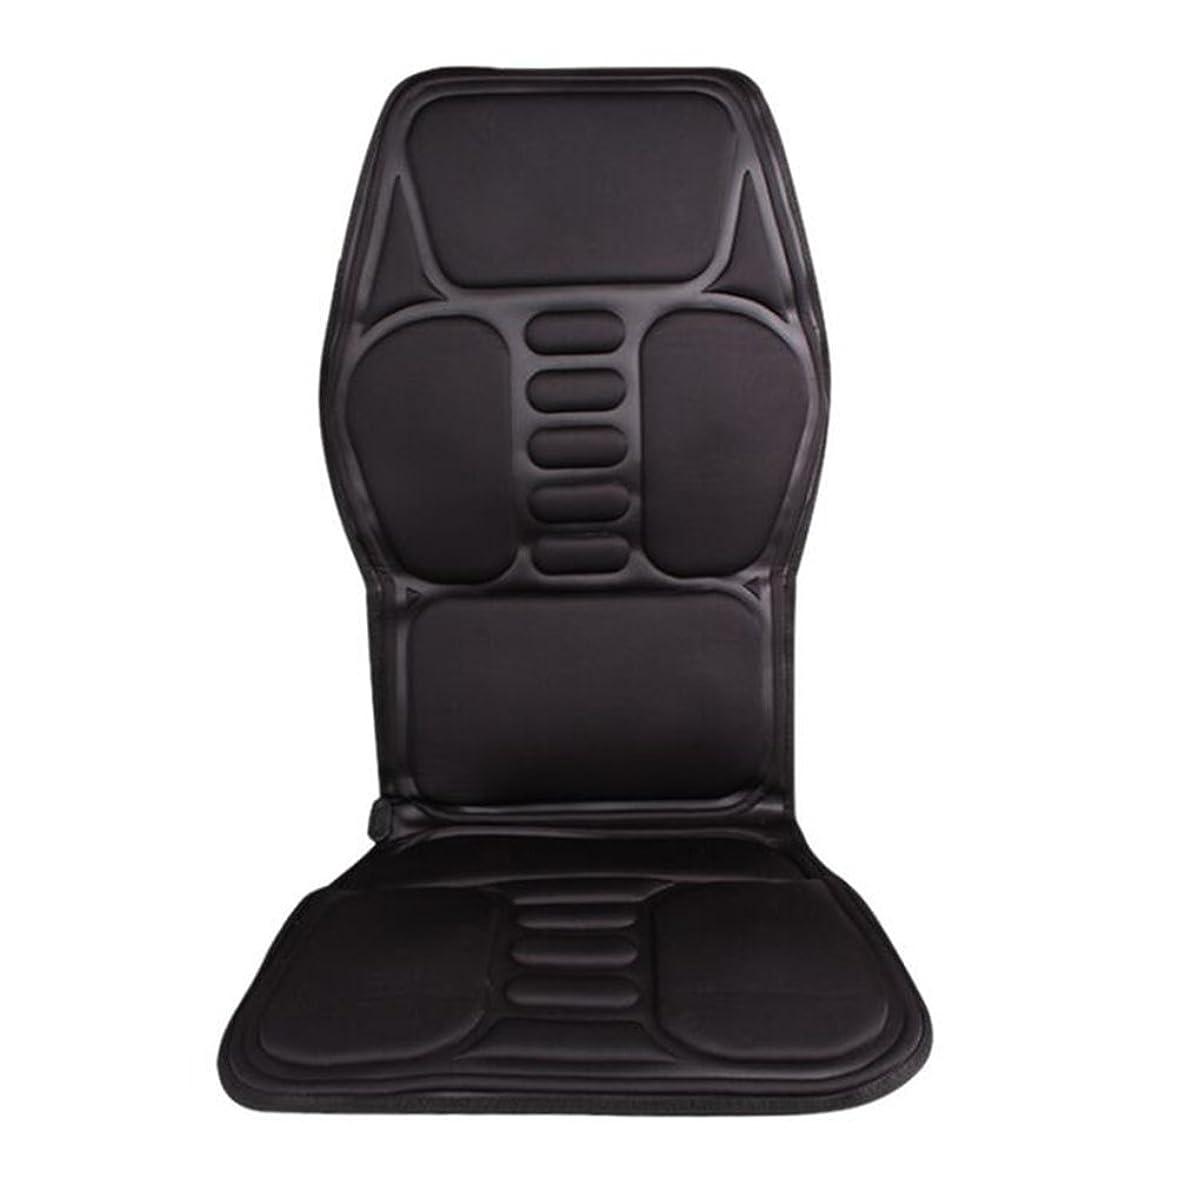 シャープ販売計画競うXmony-72 シートマッサージャー ブラック カーシート 5機能5もみ玉付き オートオフタイマー内蔵 首/肩/背/腰/しり/太ももなどの全身のマッサージが可能 車用/自宅用/オフィス用 折り畳みが可能 持ち運び便利 リモコン付き ヒーター 理療 マットレス